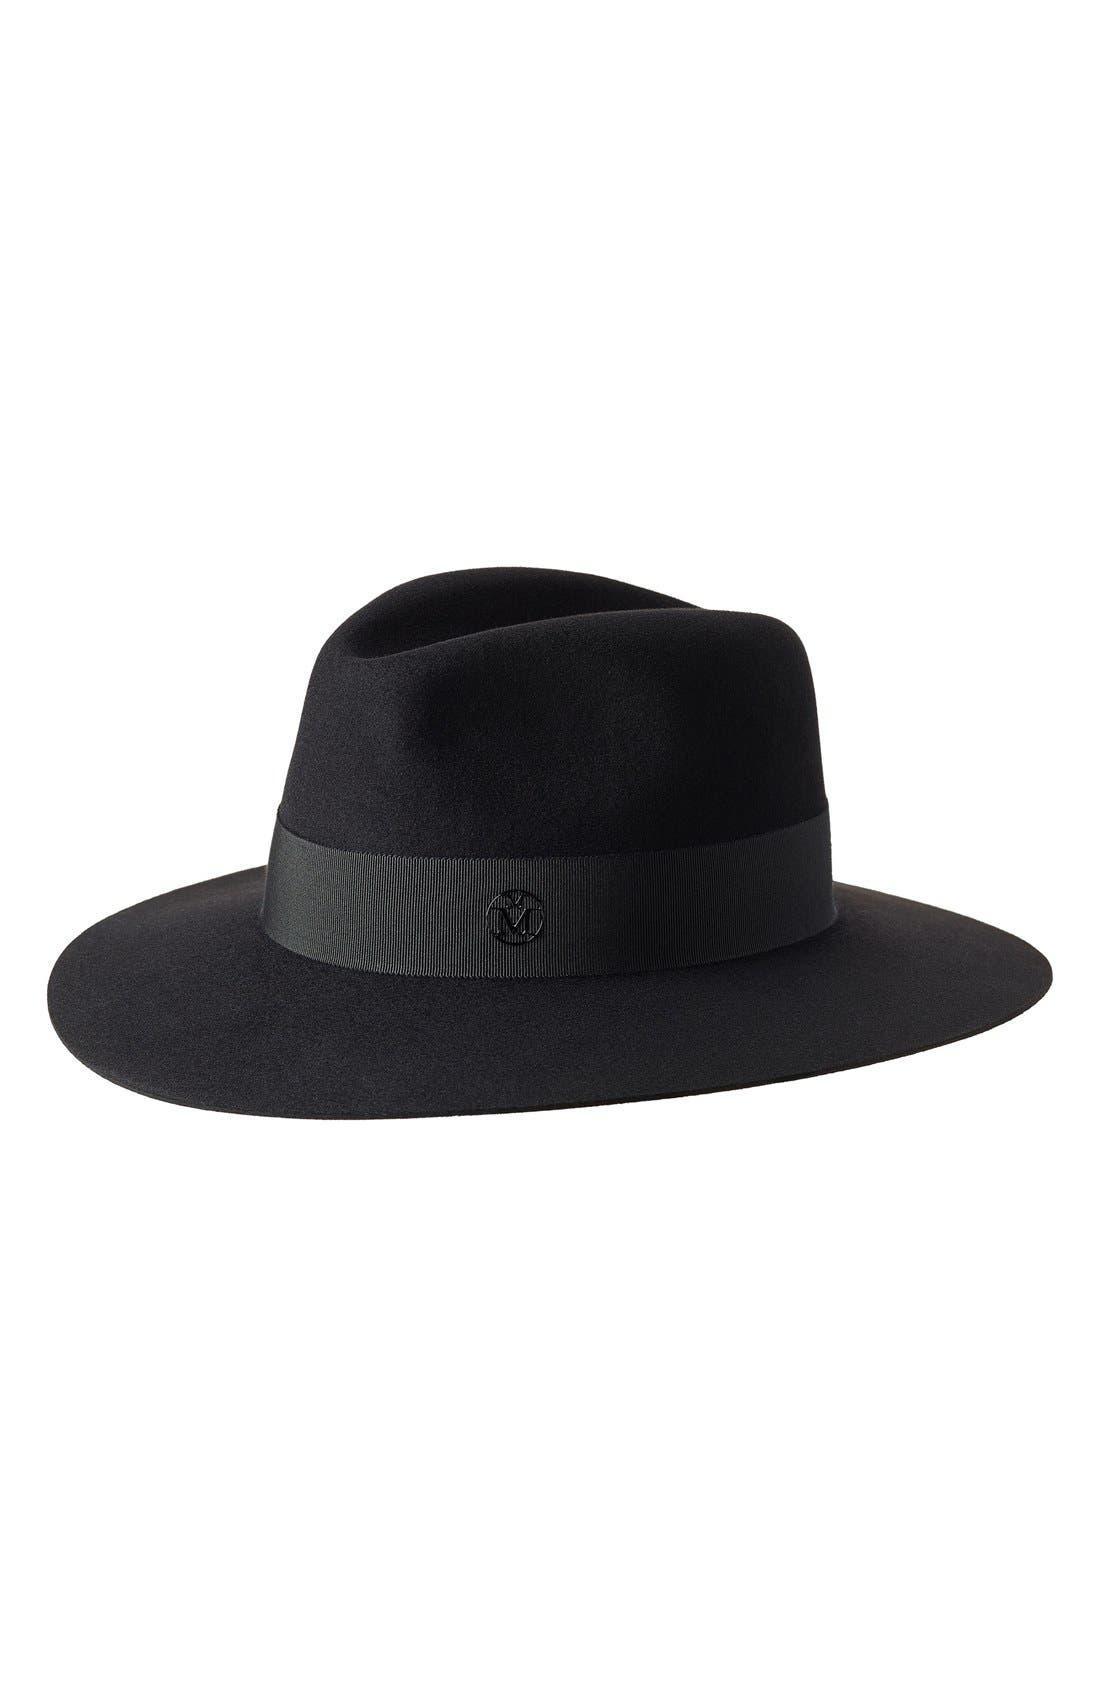 MAISON MICHEL Henrietta Genuine Rabbit Fur Felt Hat